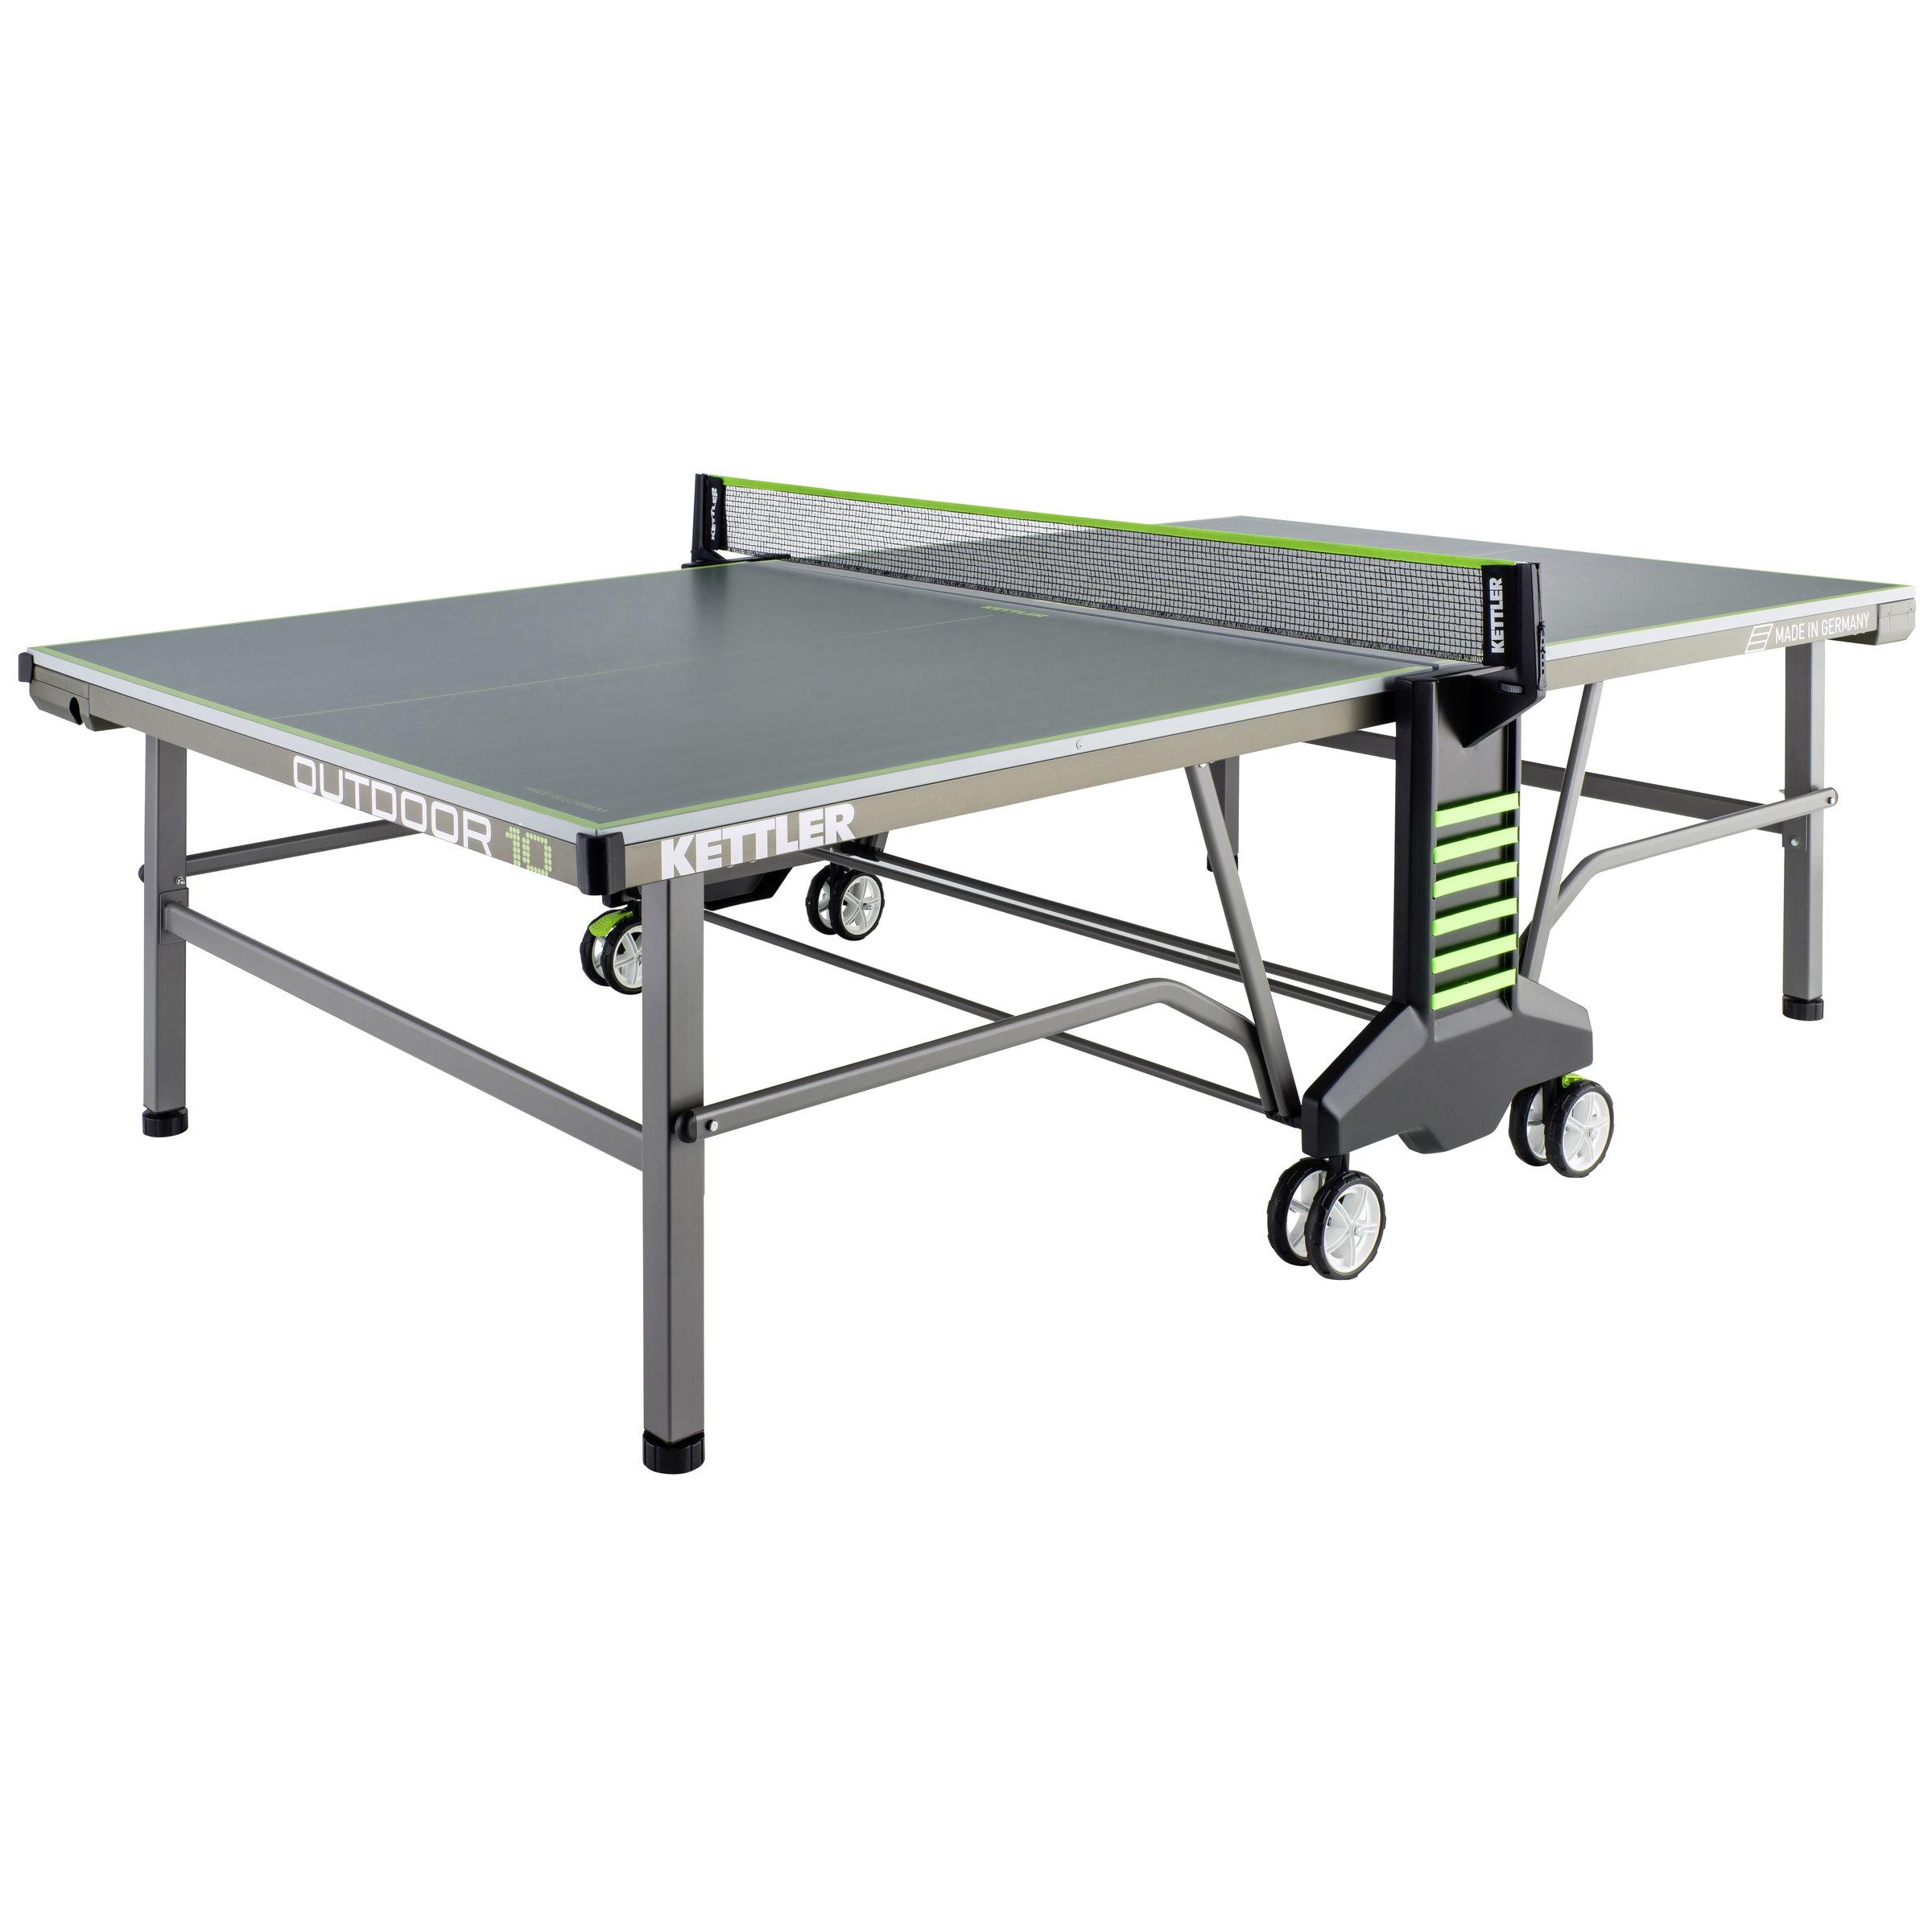 Pingpongový stůl venkovní KETTLER OUTDOOR 10 okrový-zelený + rozšířená záruka 60 měsíců ZDARMA